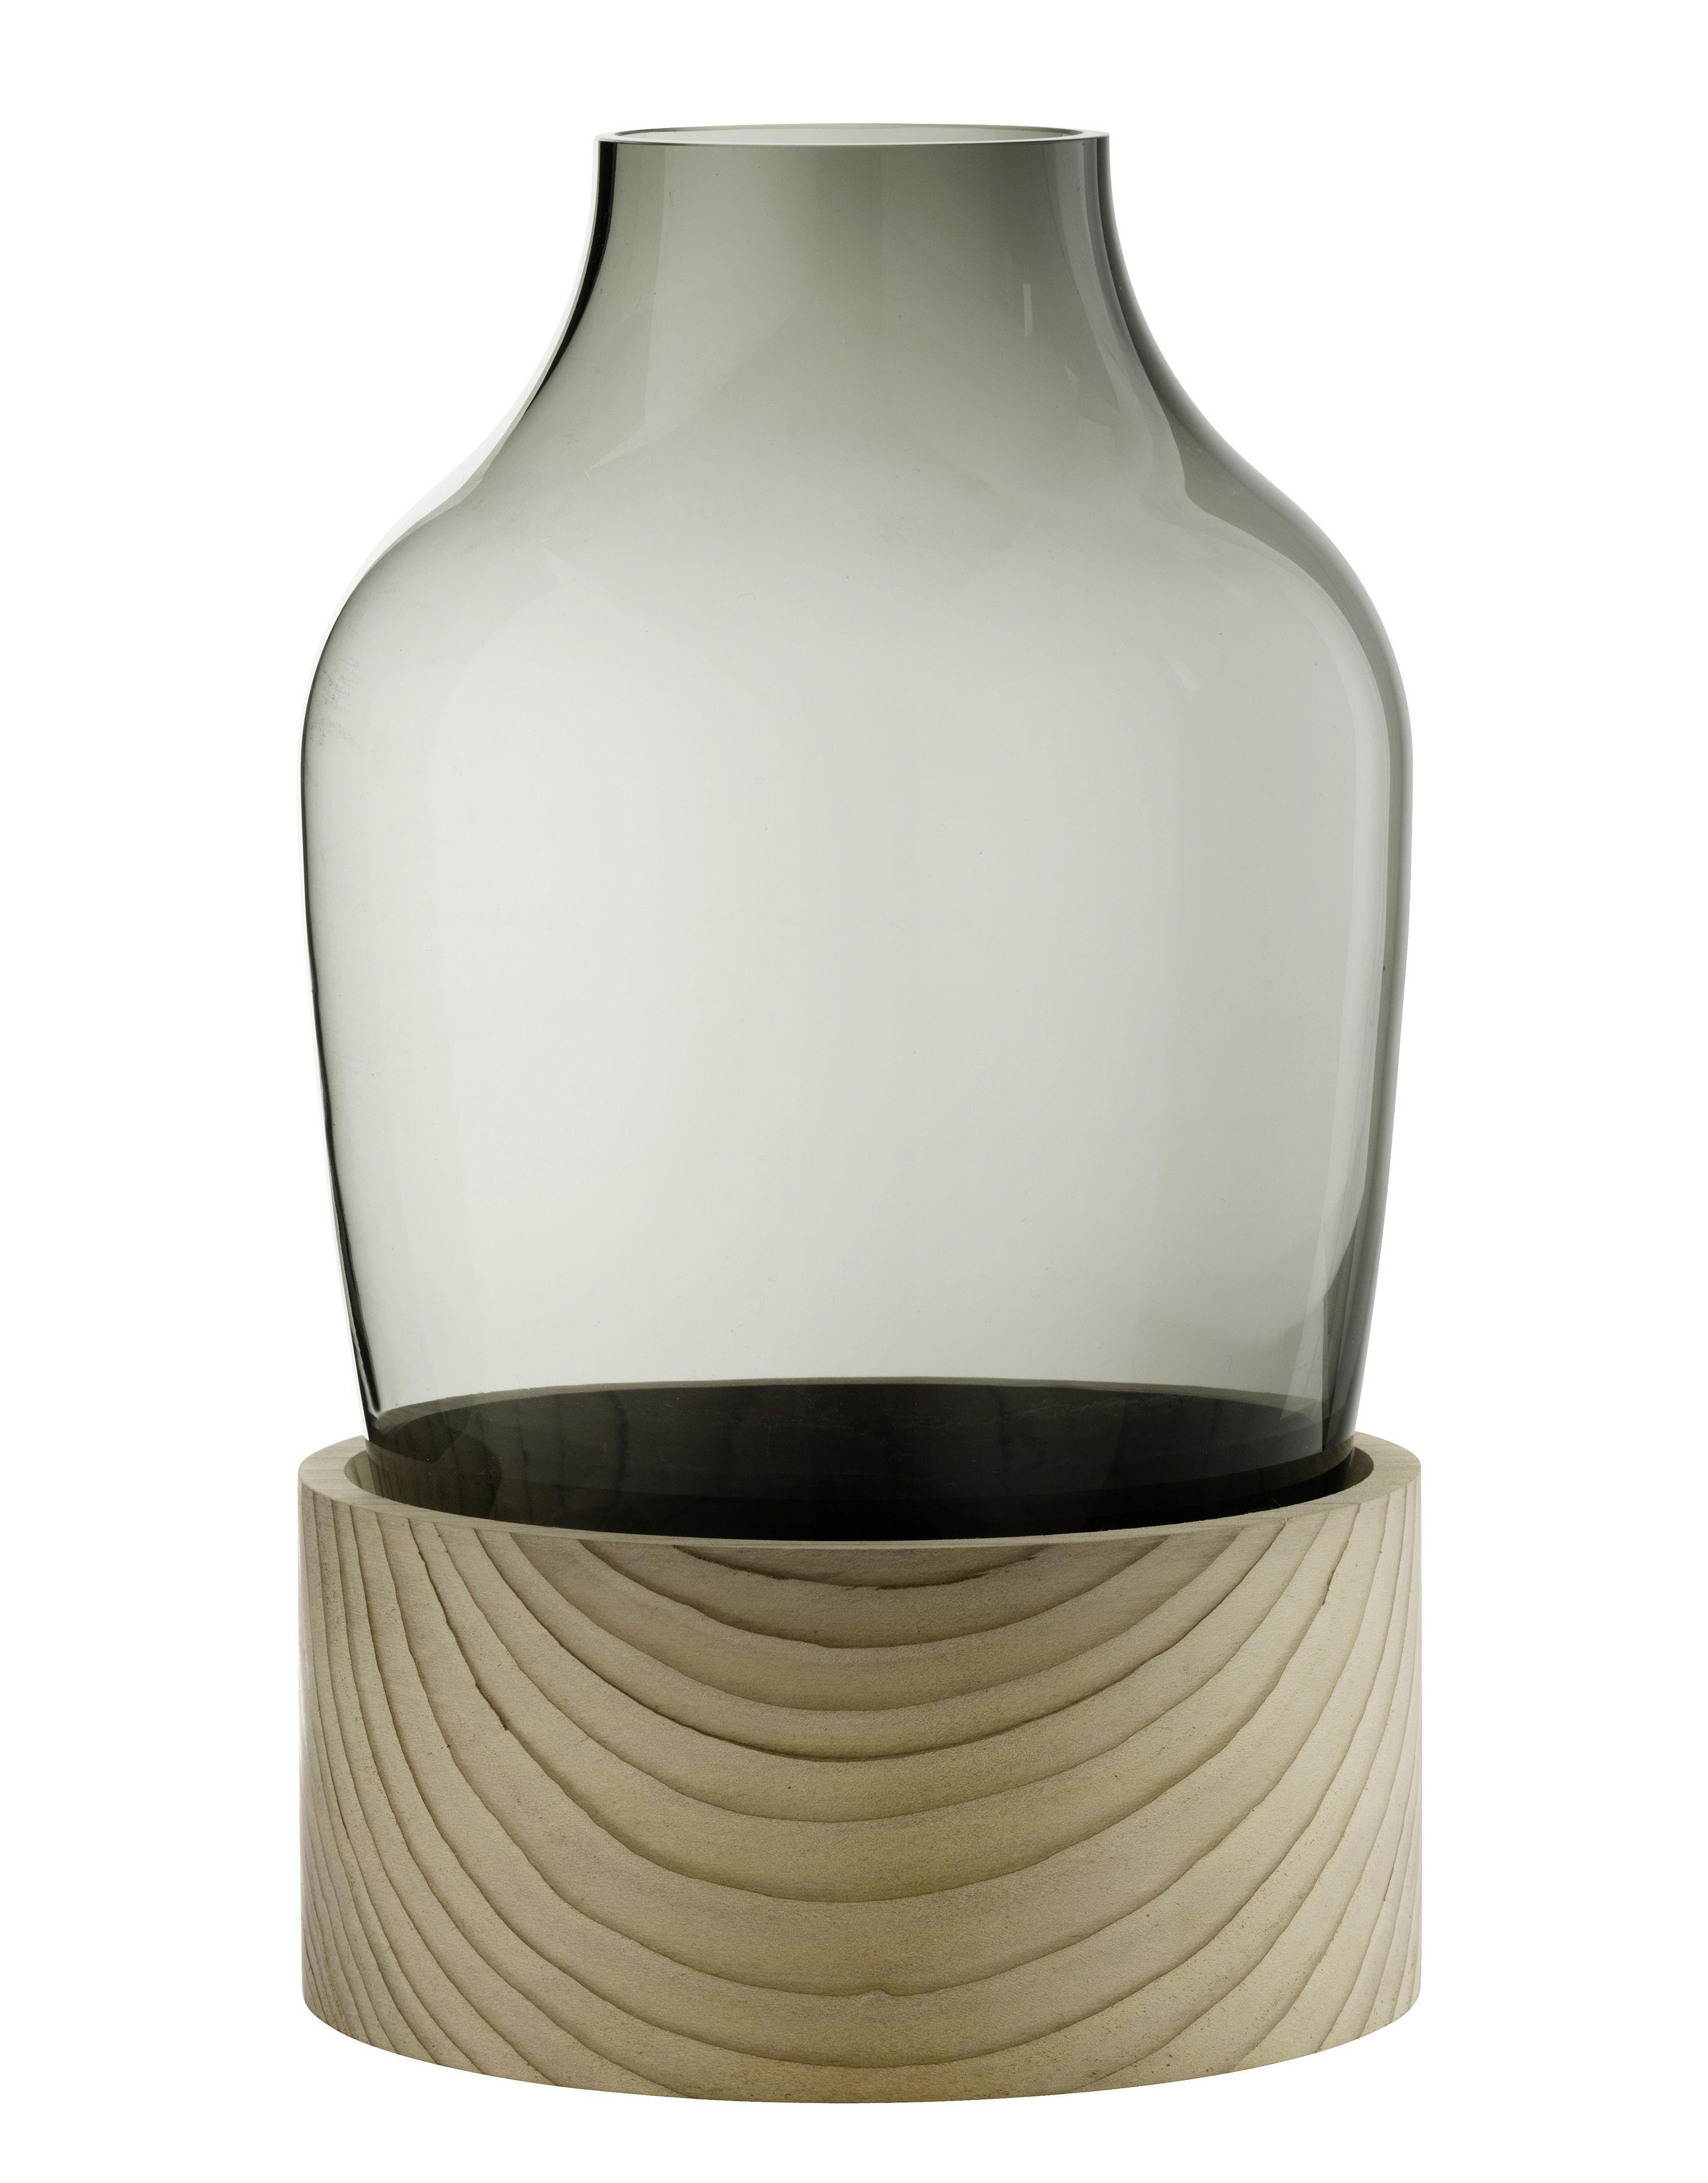 Interni - Vasi - Vaso / Vetro soffiato a mano & cedro - H 30 cm - Fritz Hansen - Vetro fumé / Legno naturale - Cedro, Vetro soffiato a bocca